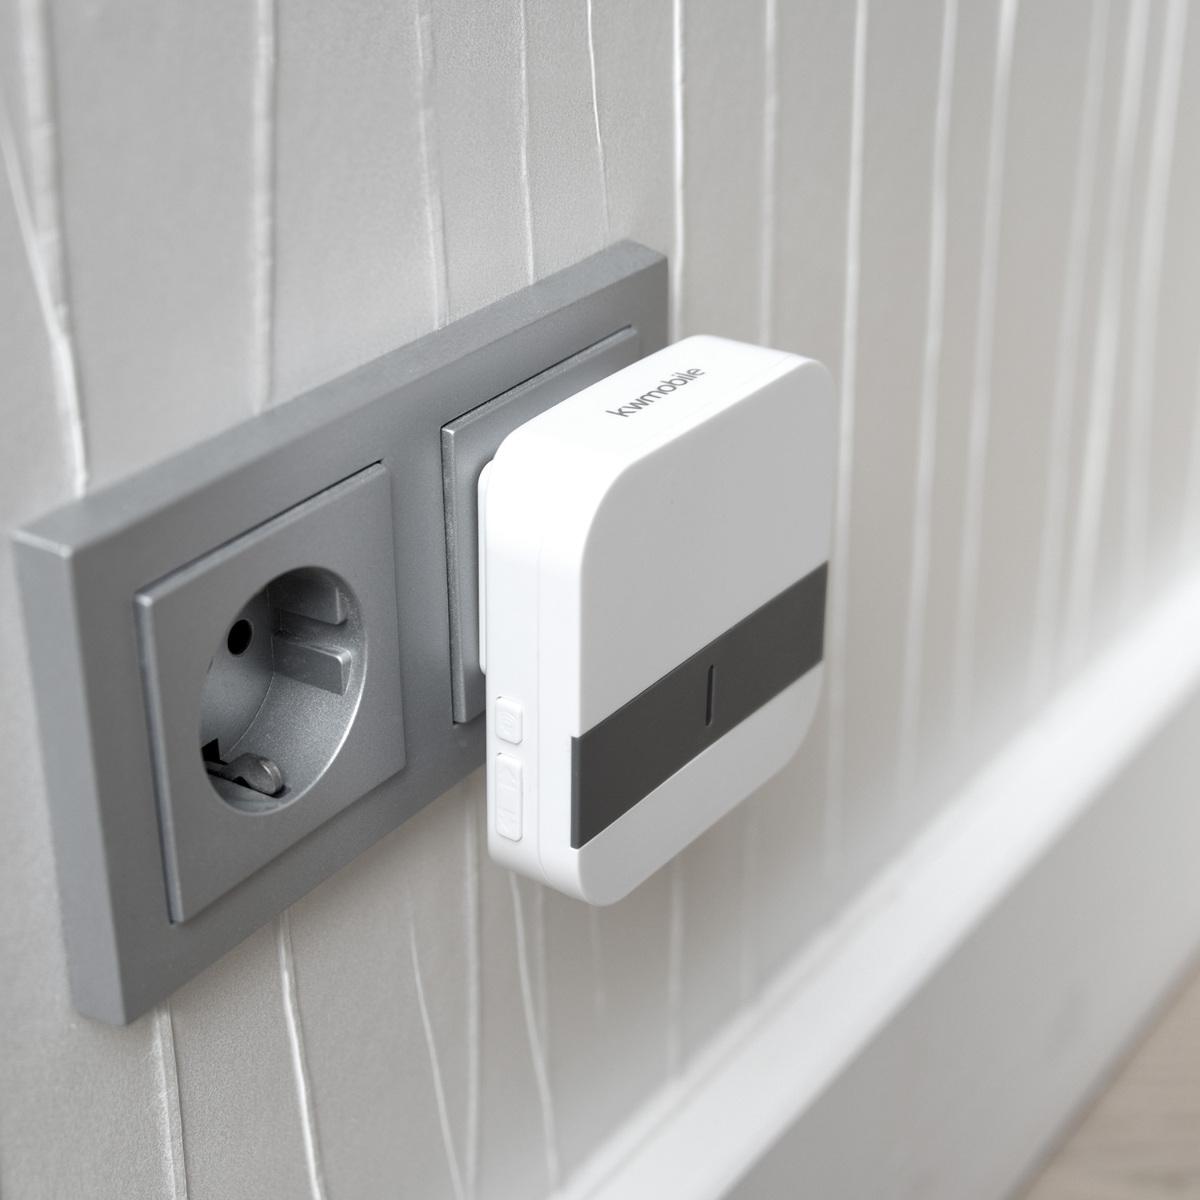 klingel kabellos t rklingel funkklingel mit 1x sender 2x. Black Bedroom Furniture Sets. Home Design Ideas